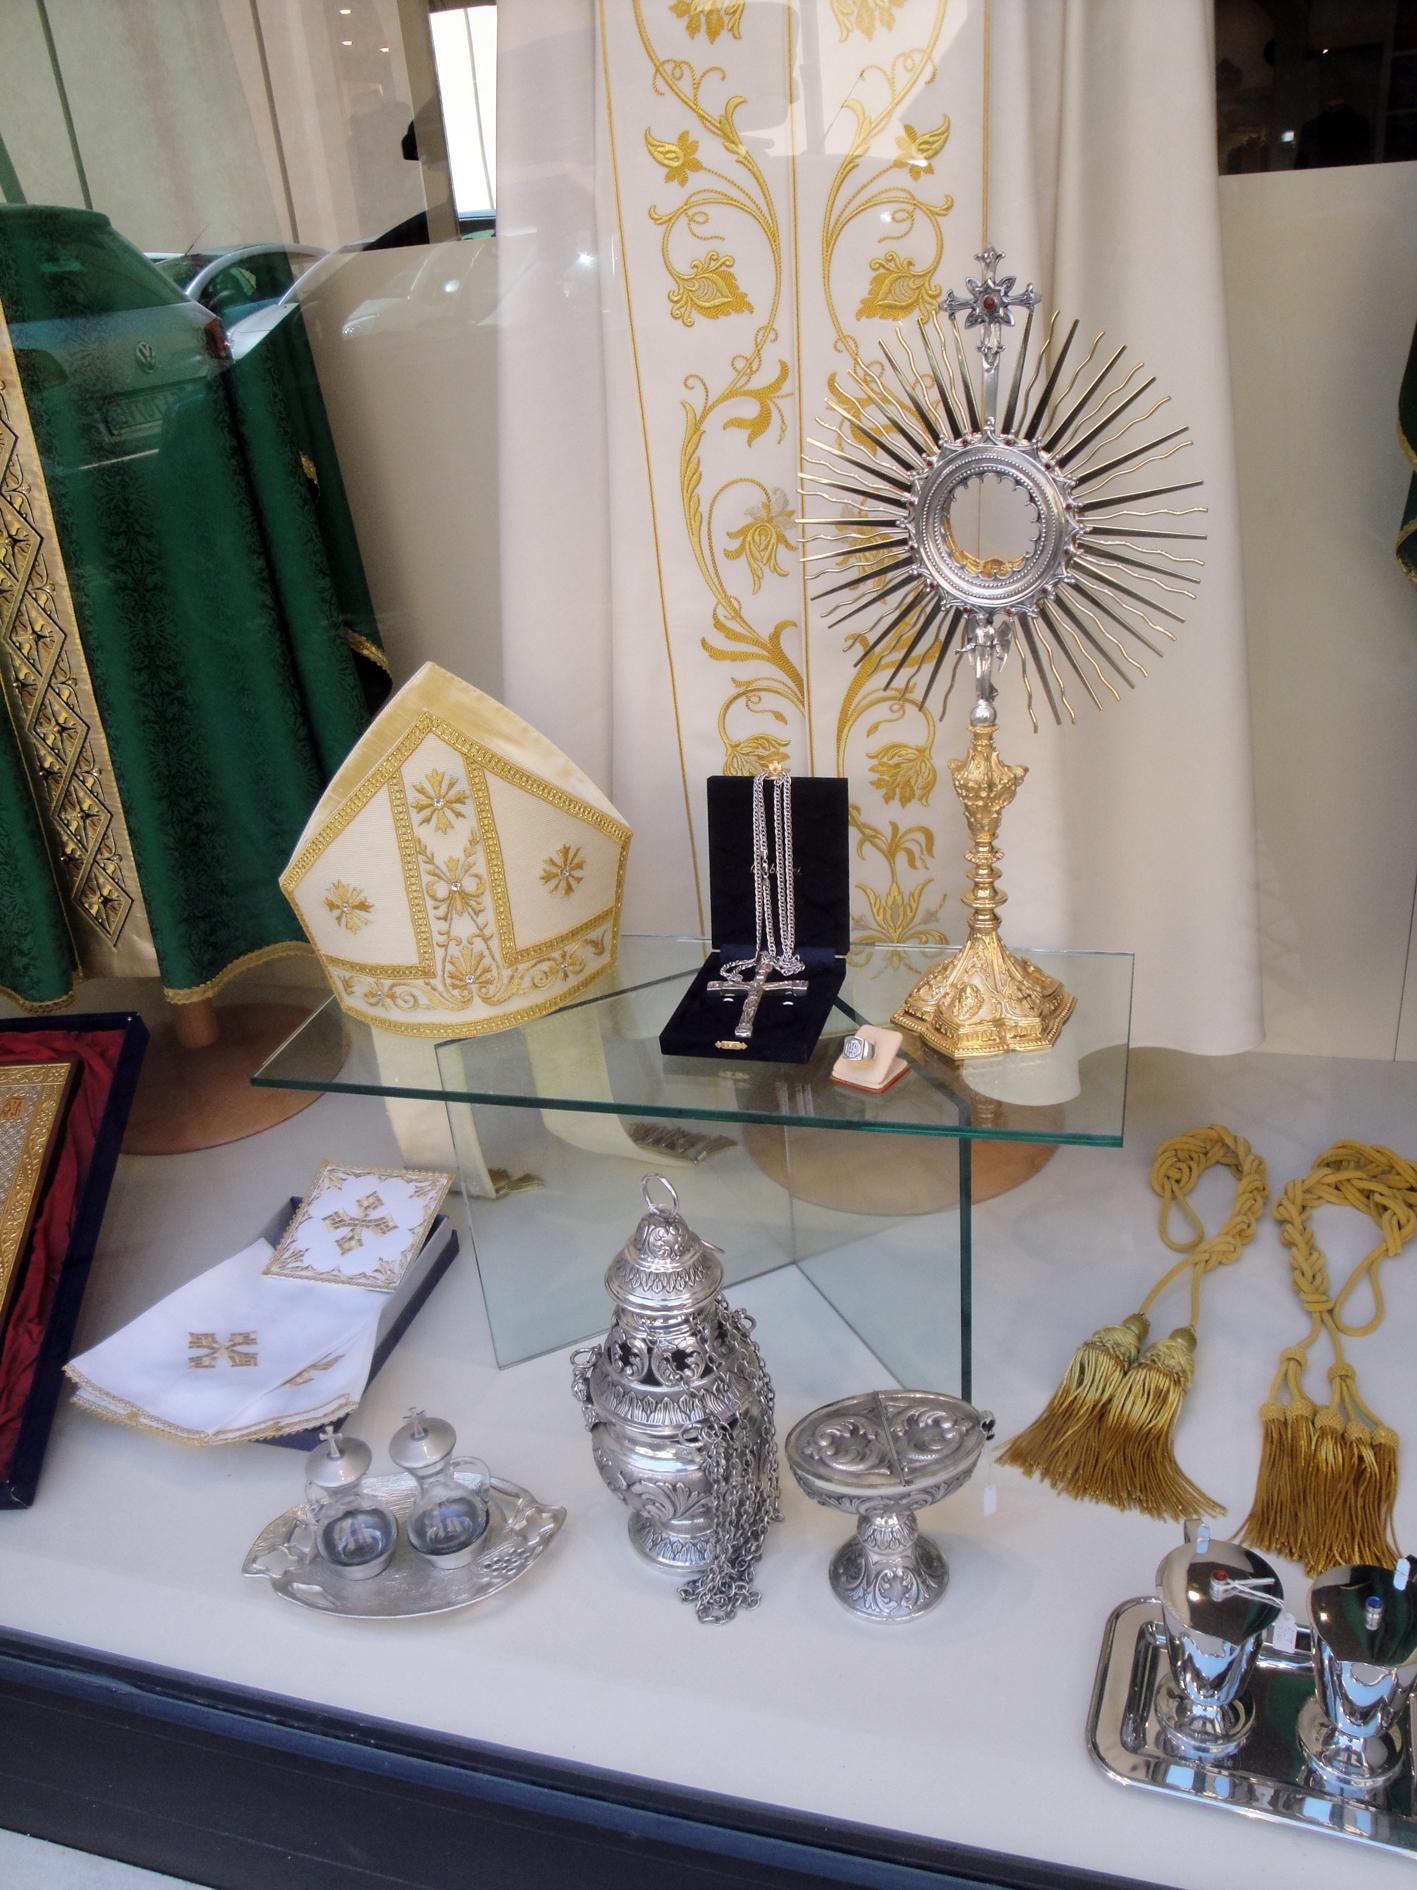 24.07.2017 Aparador amb l'última tendència de moda vaticana  Roma -  Jordi Bibià